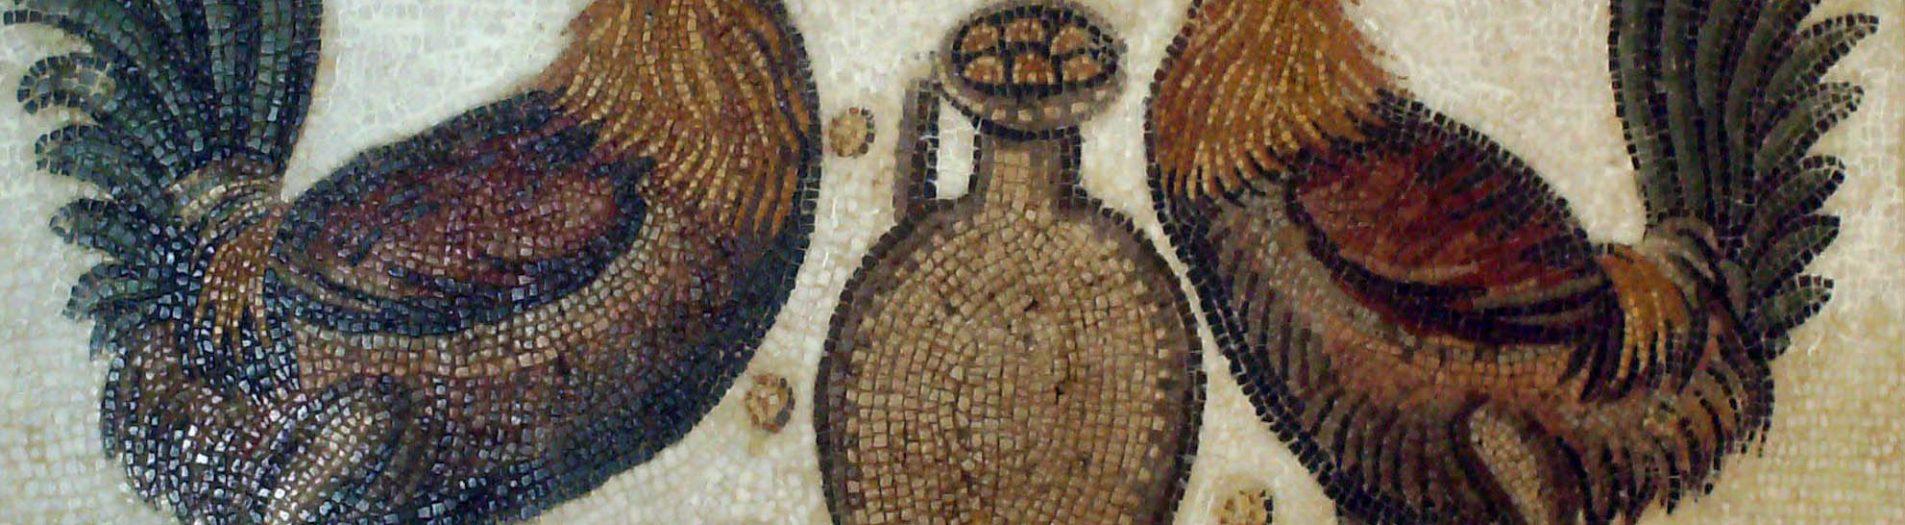 La mosaïque des coqs de Nabeul